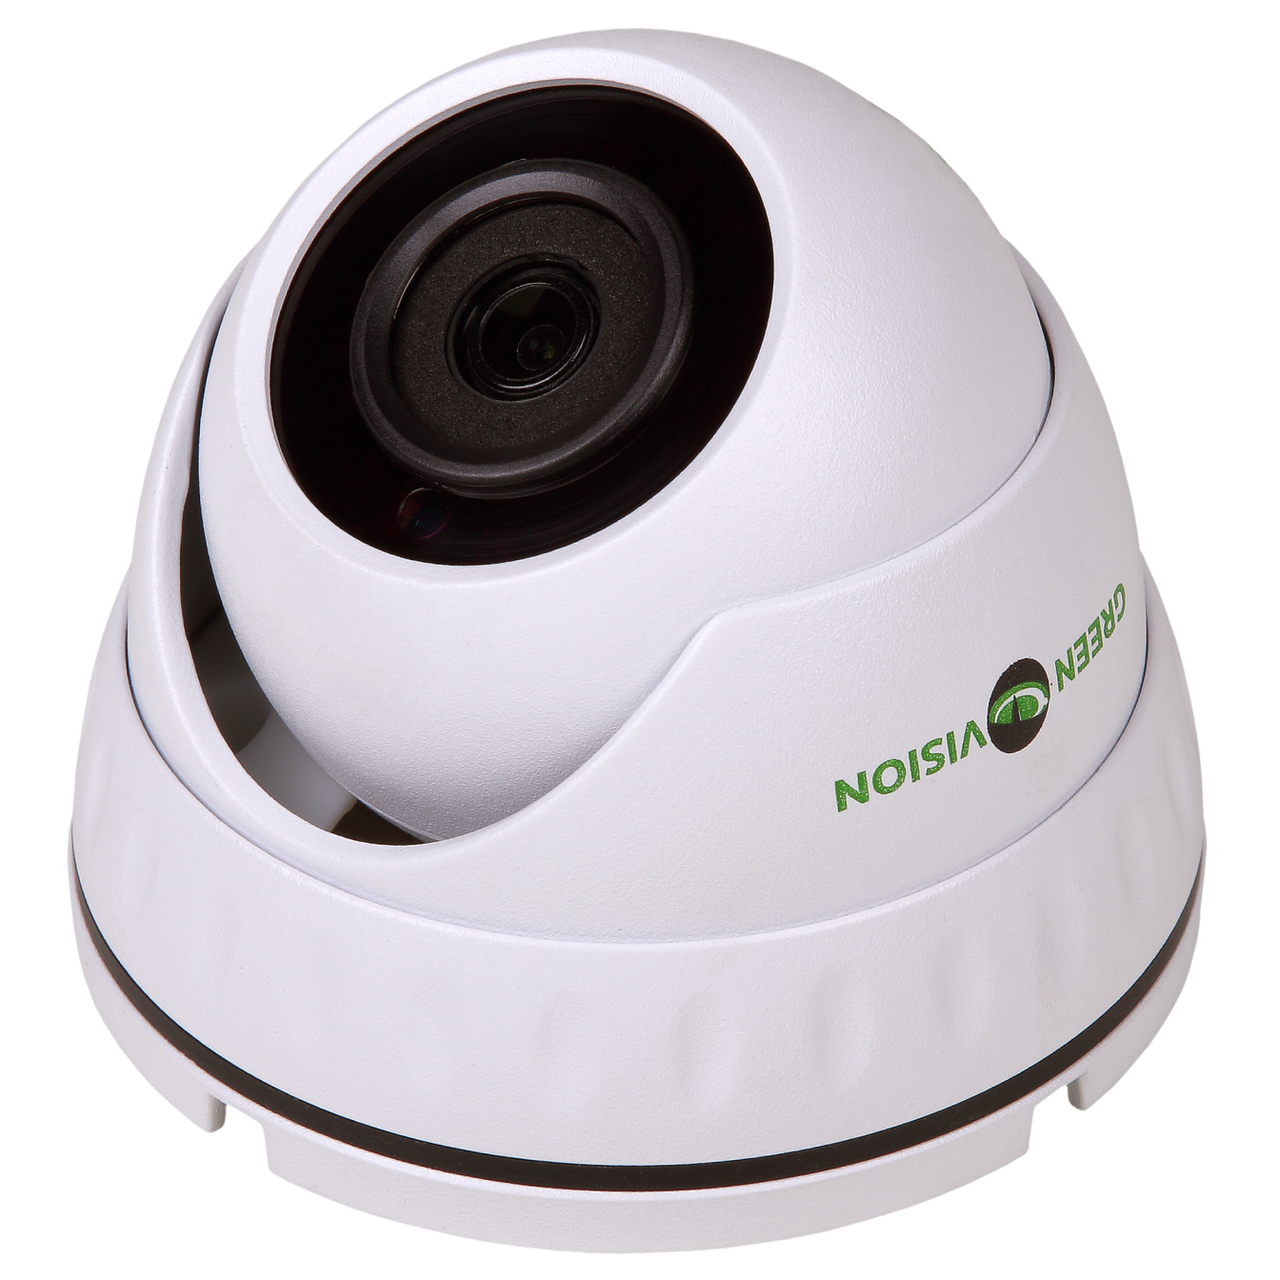 Антивандальная IP камера  GV-072-IP-ME-DOS20-20 ТМ Green Vision